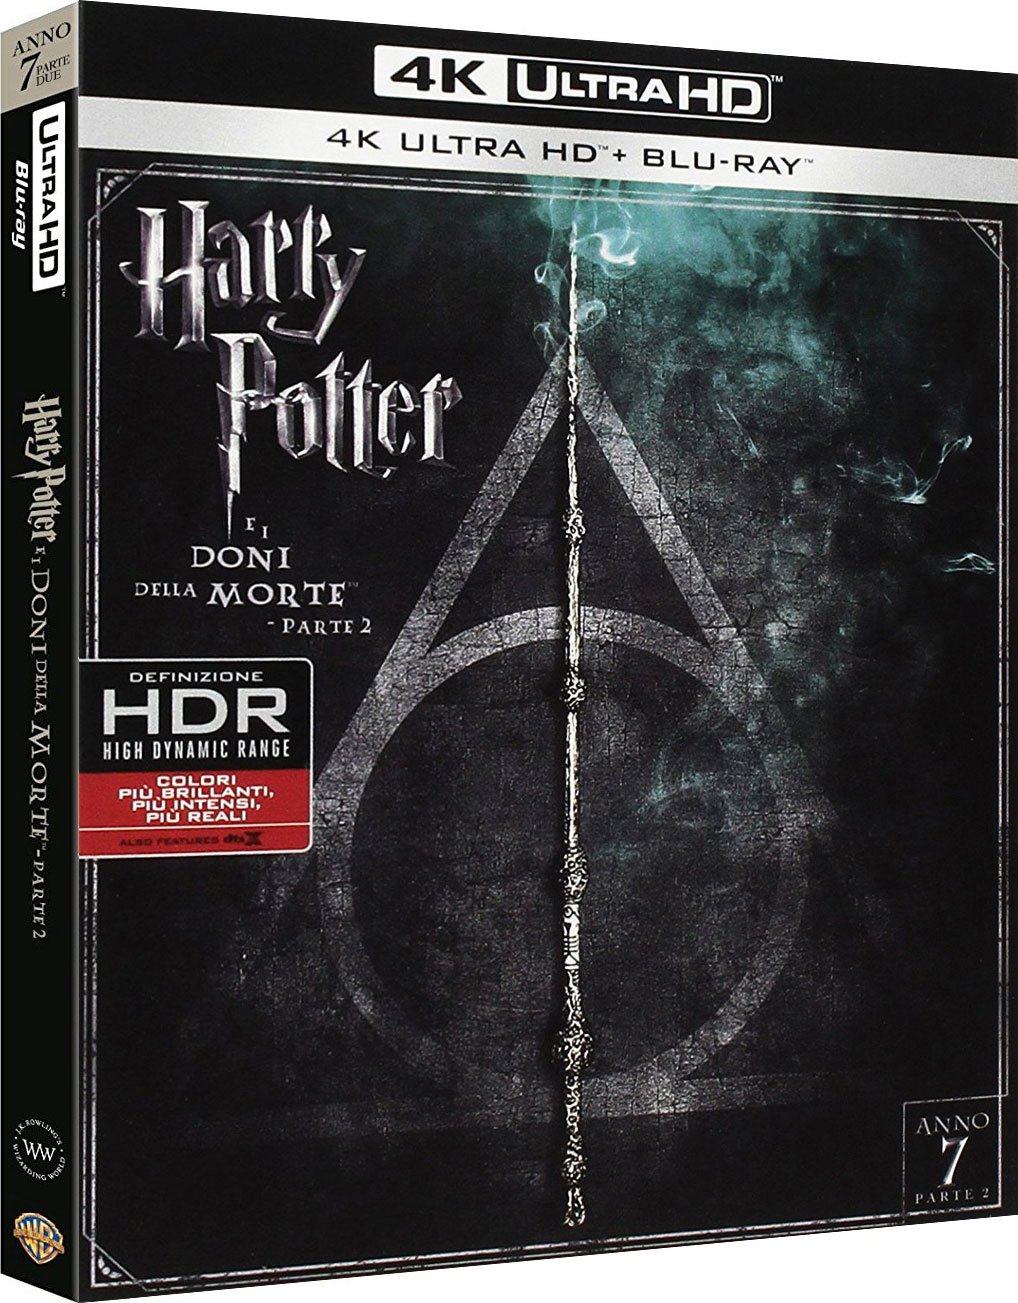 Harry Potter 7 Pt.2 (4K + Br)